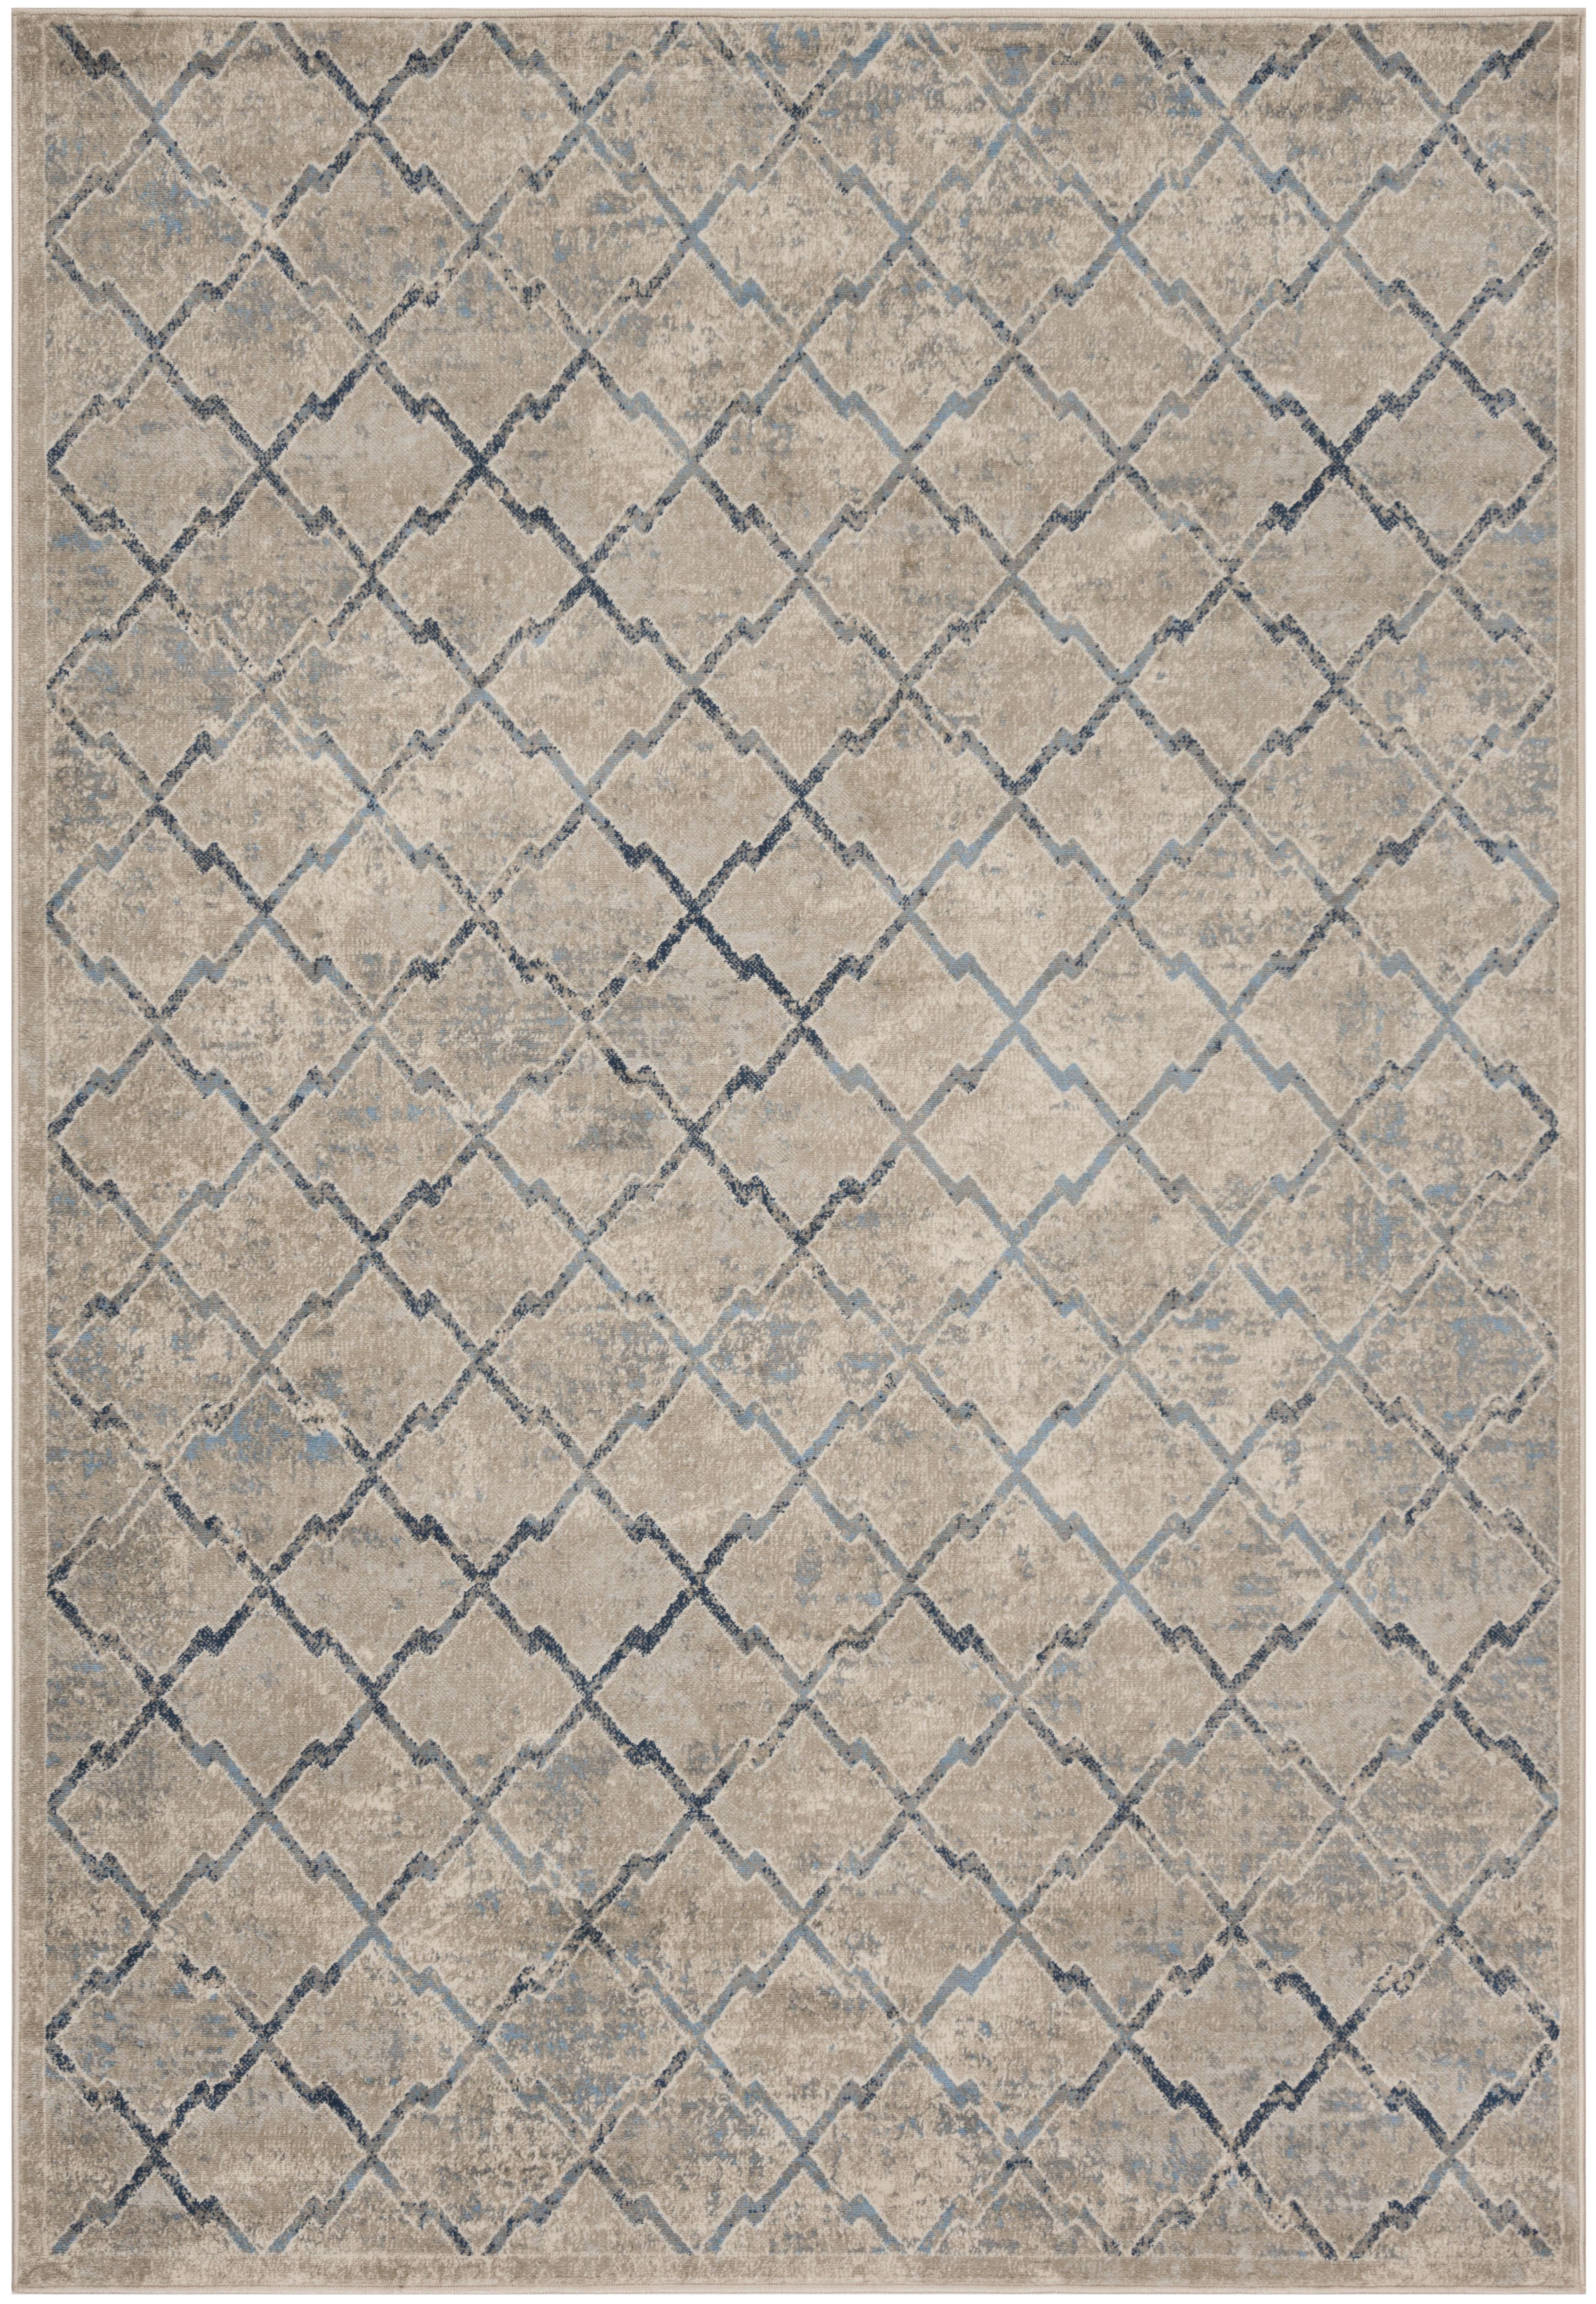 Tapis de salon classique gris clair et bleu 200x300